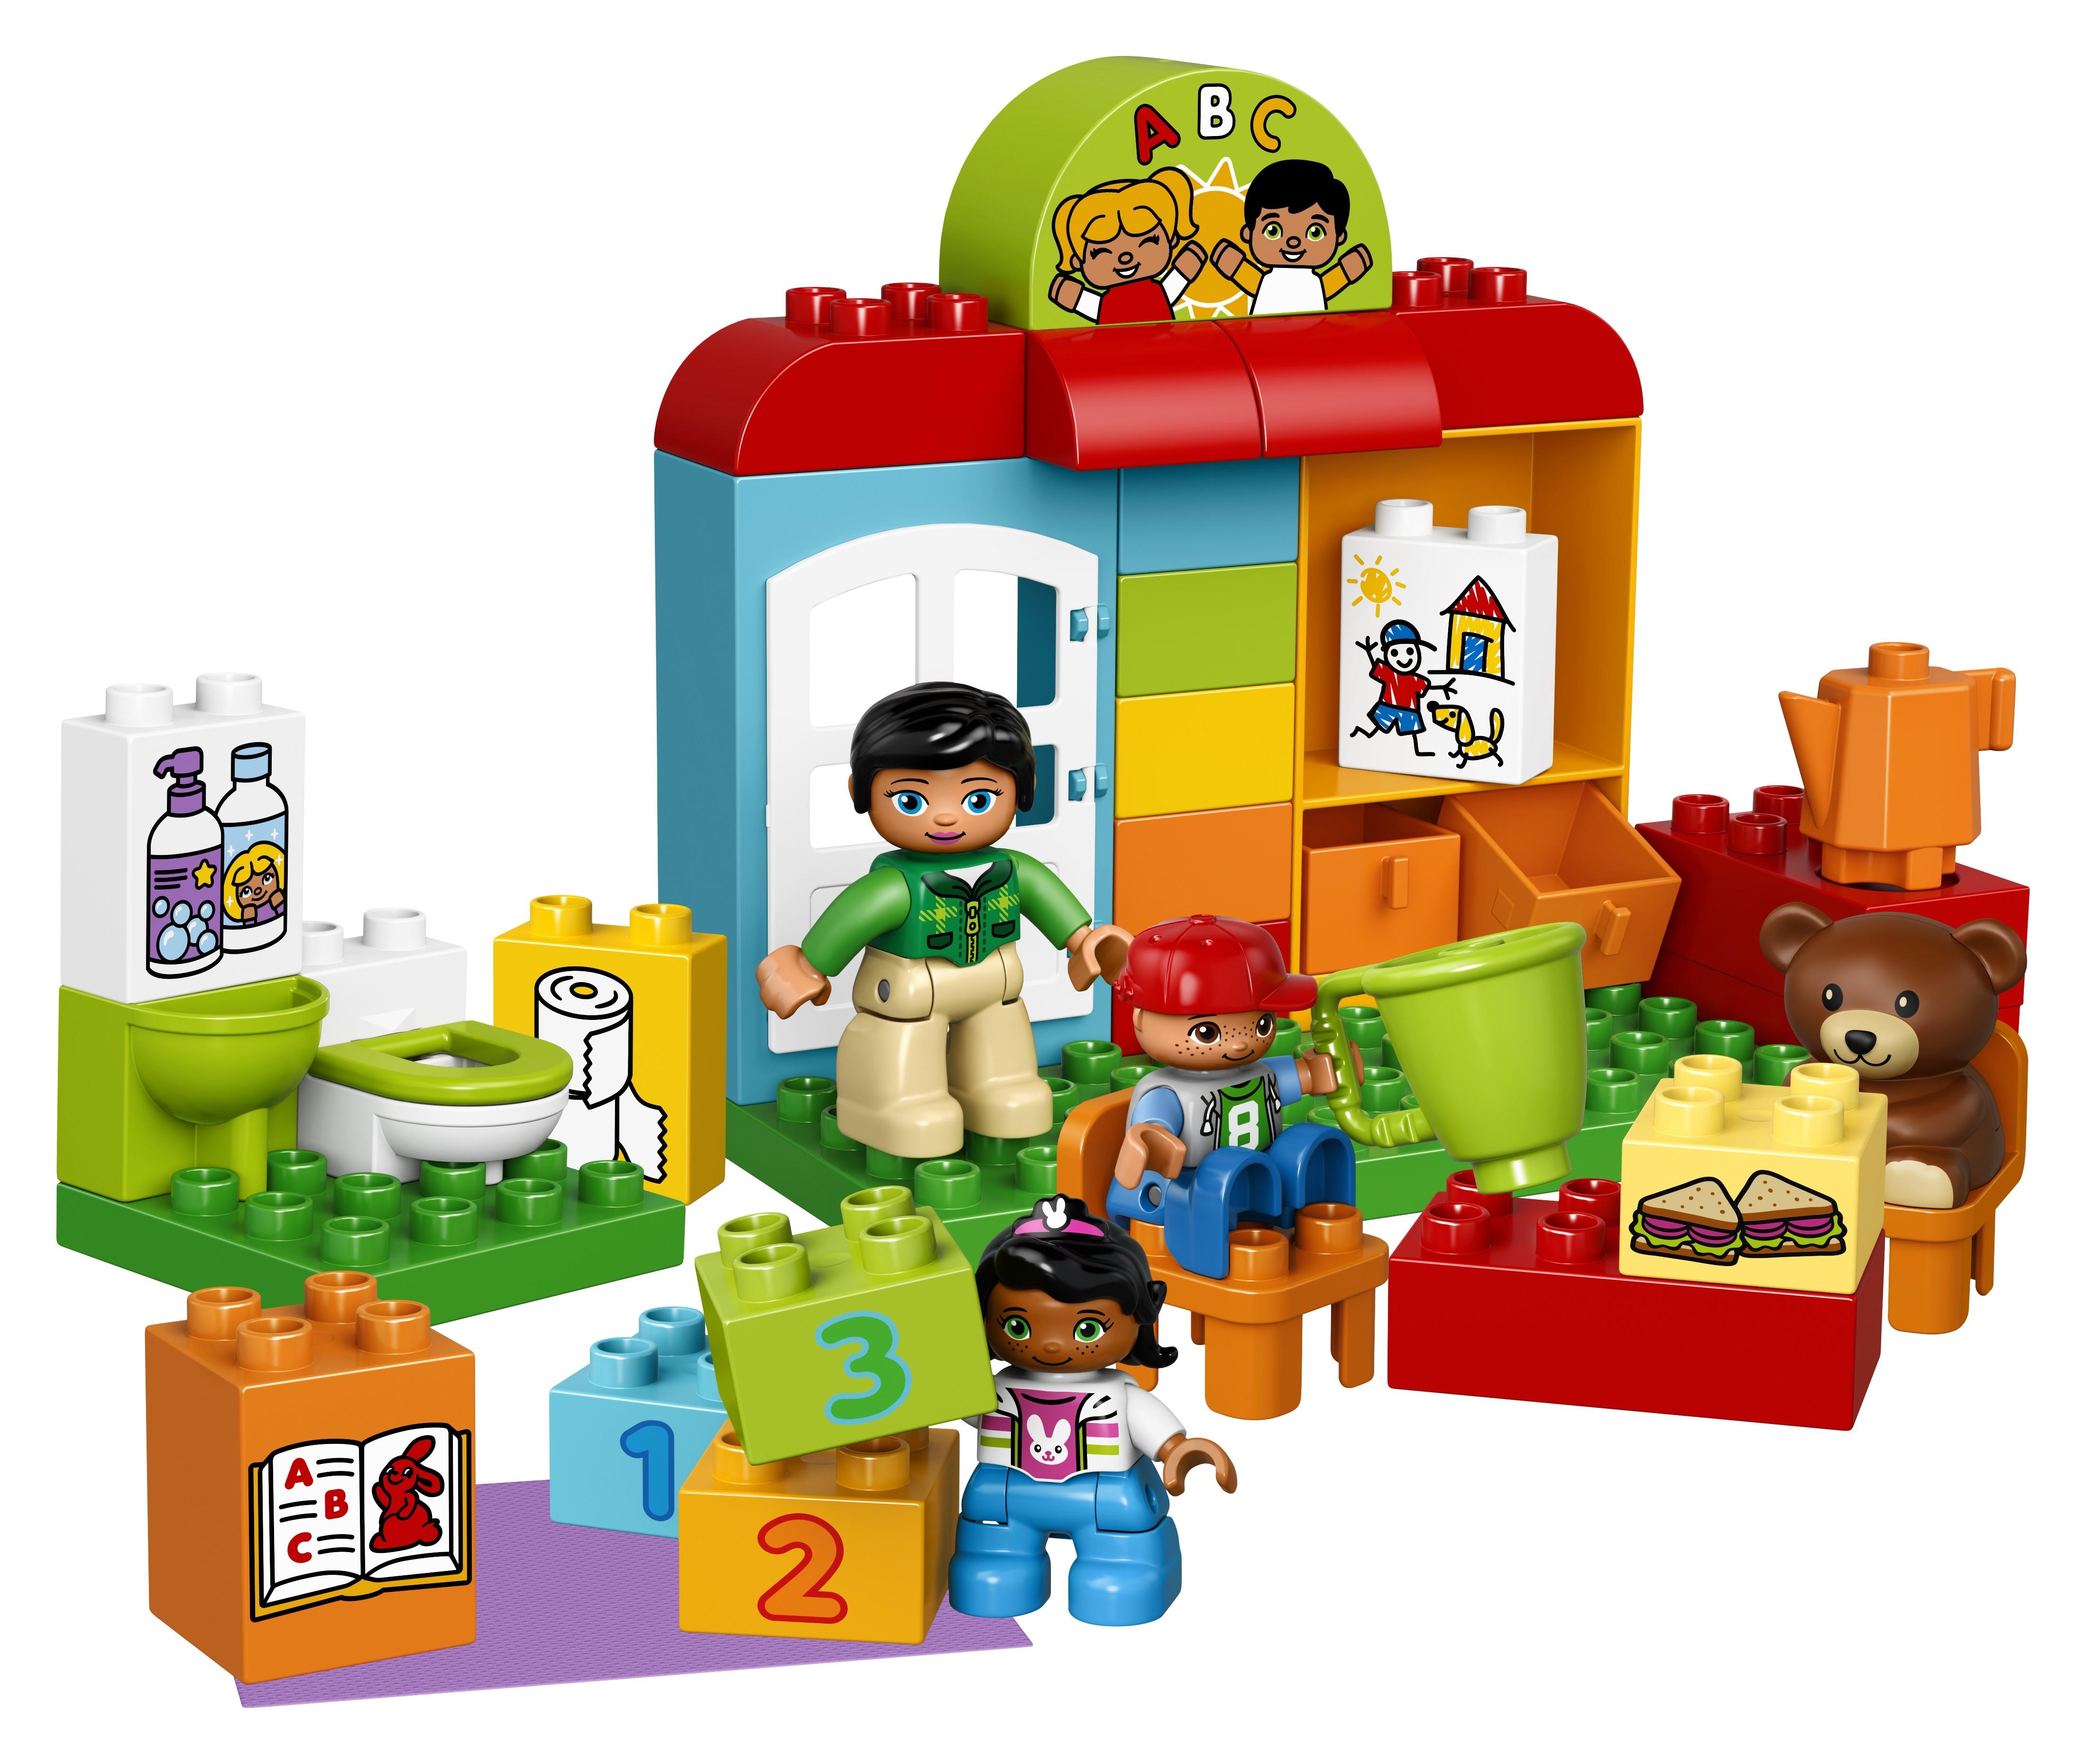 LEGO DUPLO LEGO Duplo Town 10833 Детский сад lego duplo конструктор гоночный автомобиль 10589